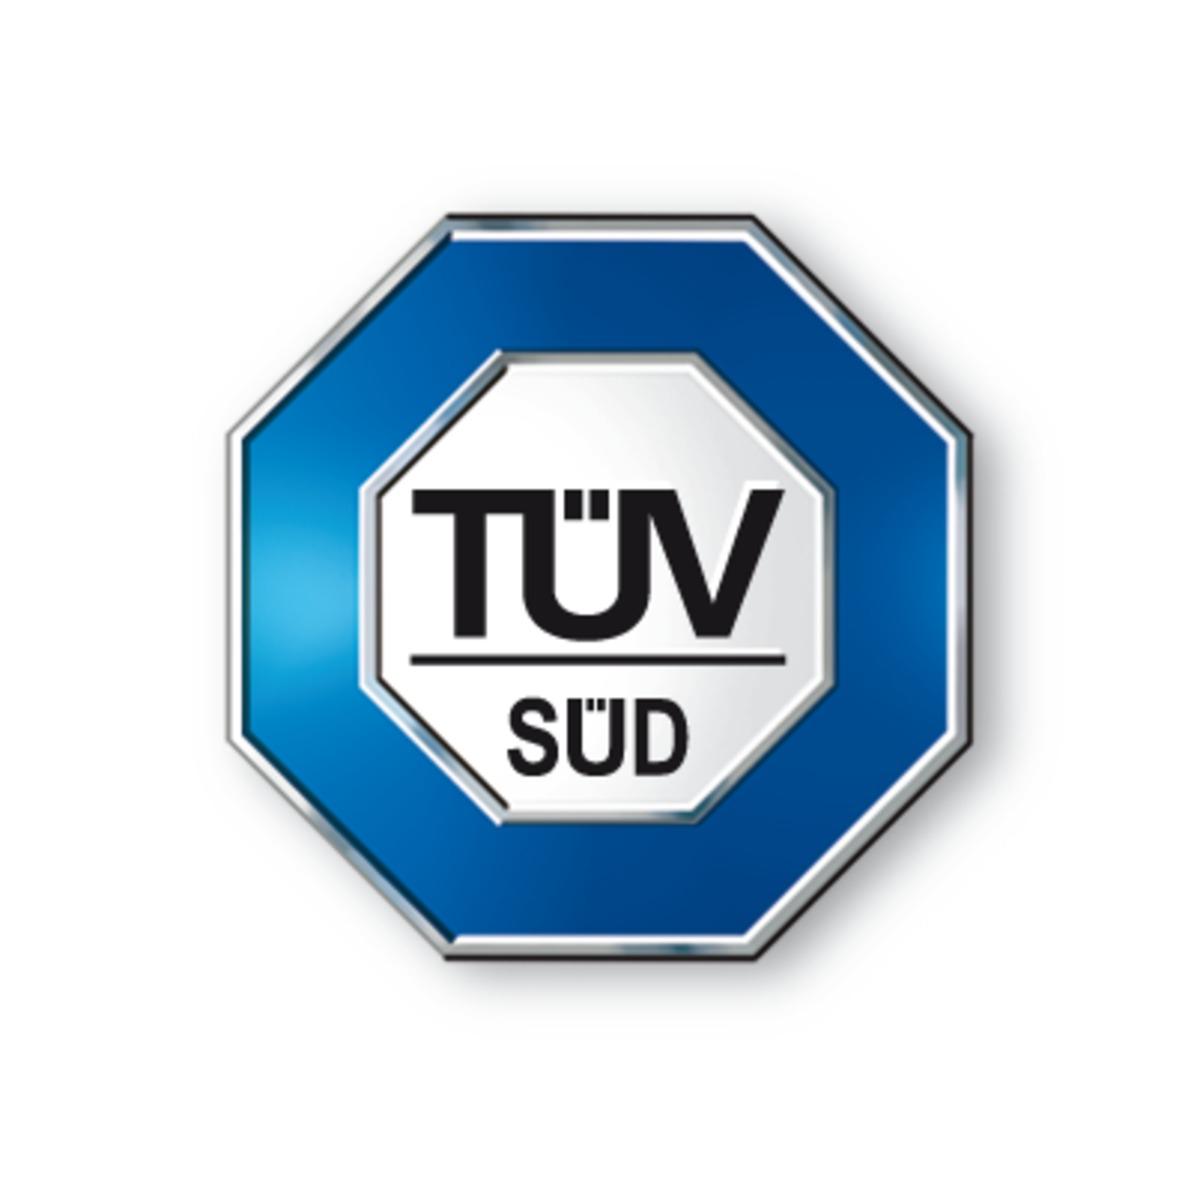 Tuv сертификация сравнительный анализ исо 9001 2008 и исо 9001 2015